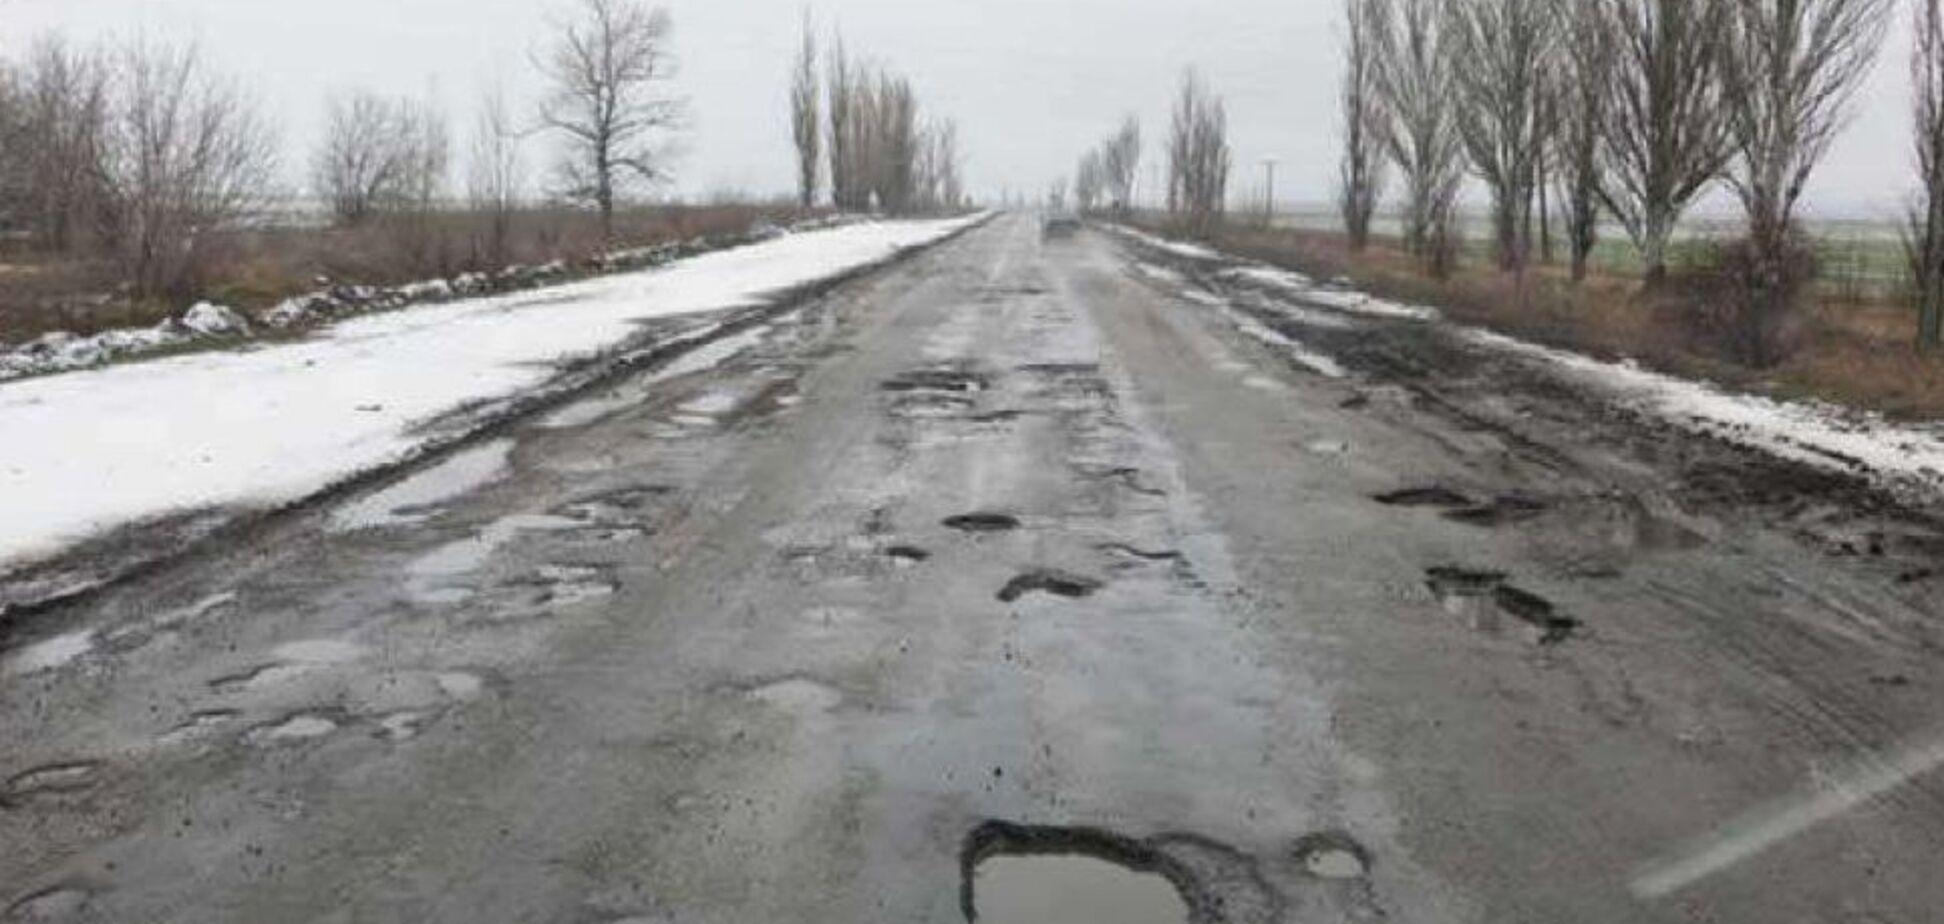 Пріоритетний регіон щодо розвитку інфраструктури в Україні